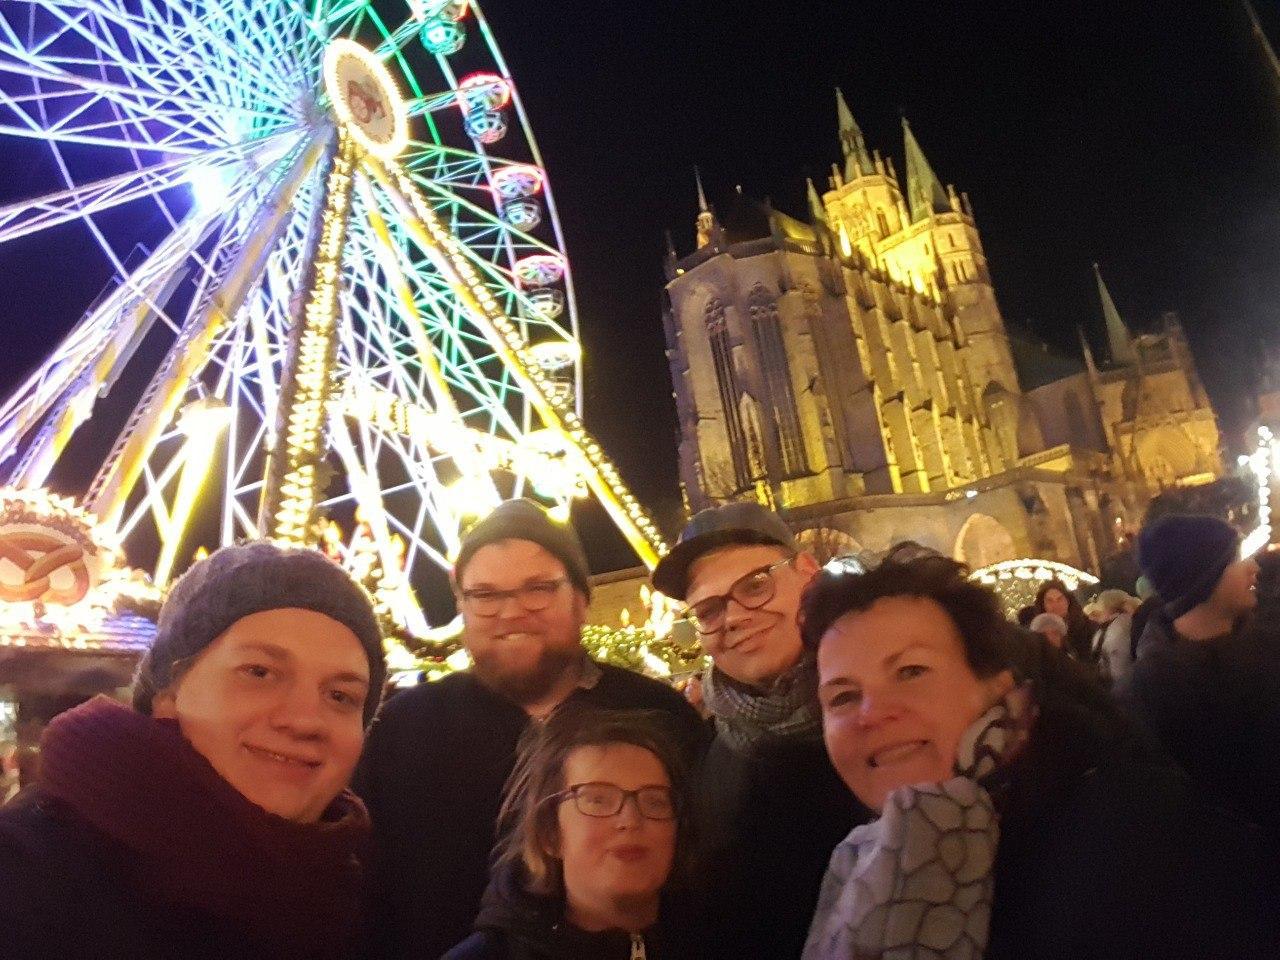 Der Vorstand auf dem Erfurter Weihnachtsmarkt, im Hintergrund ein Riesenrad und der Erfurter Dom